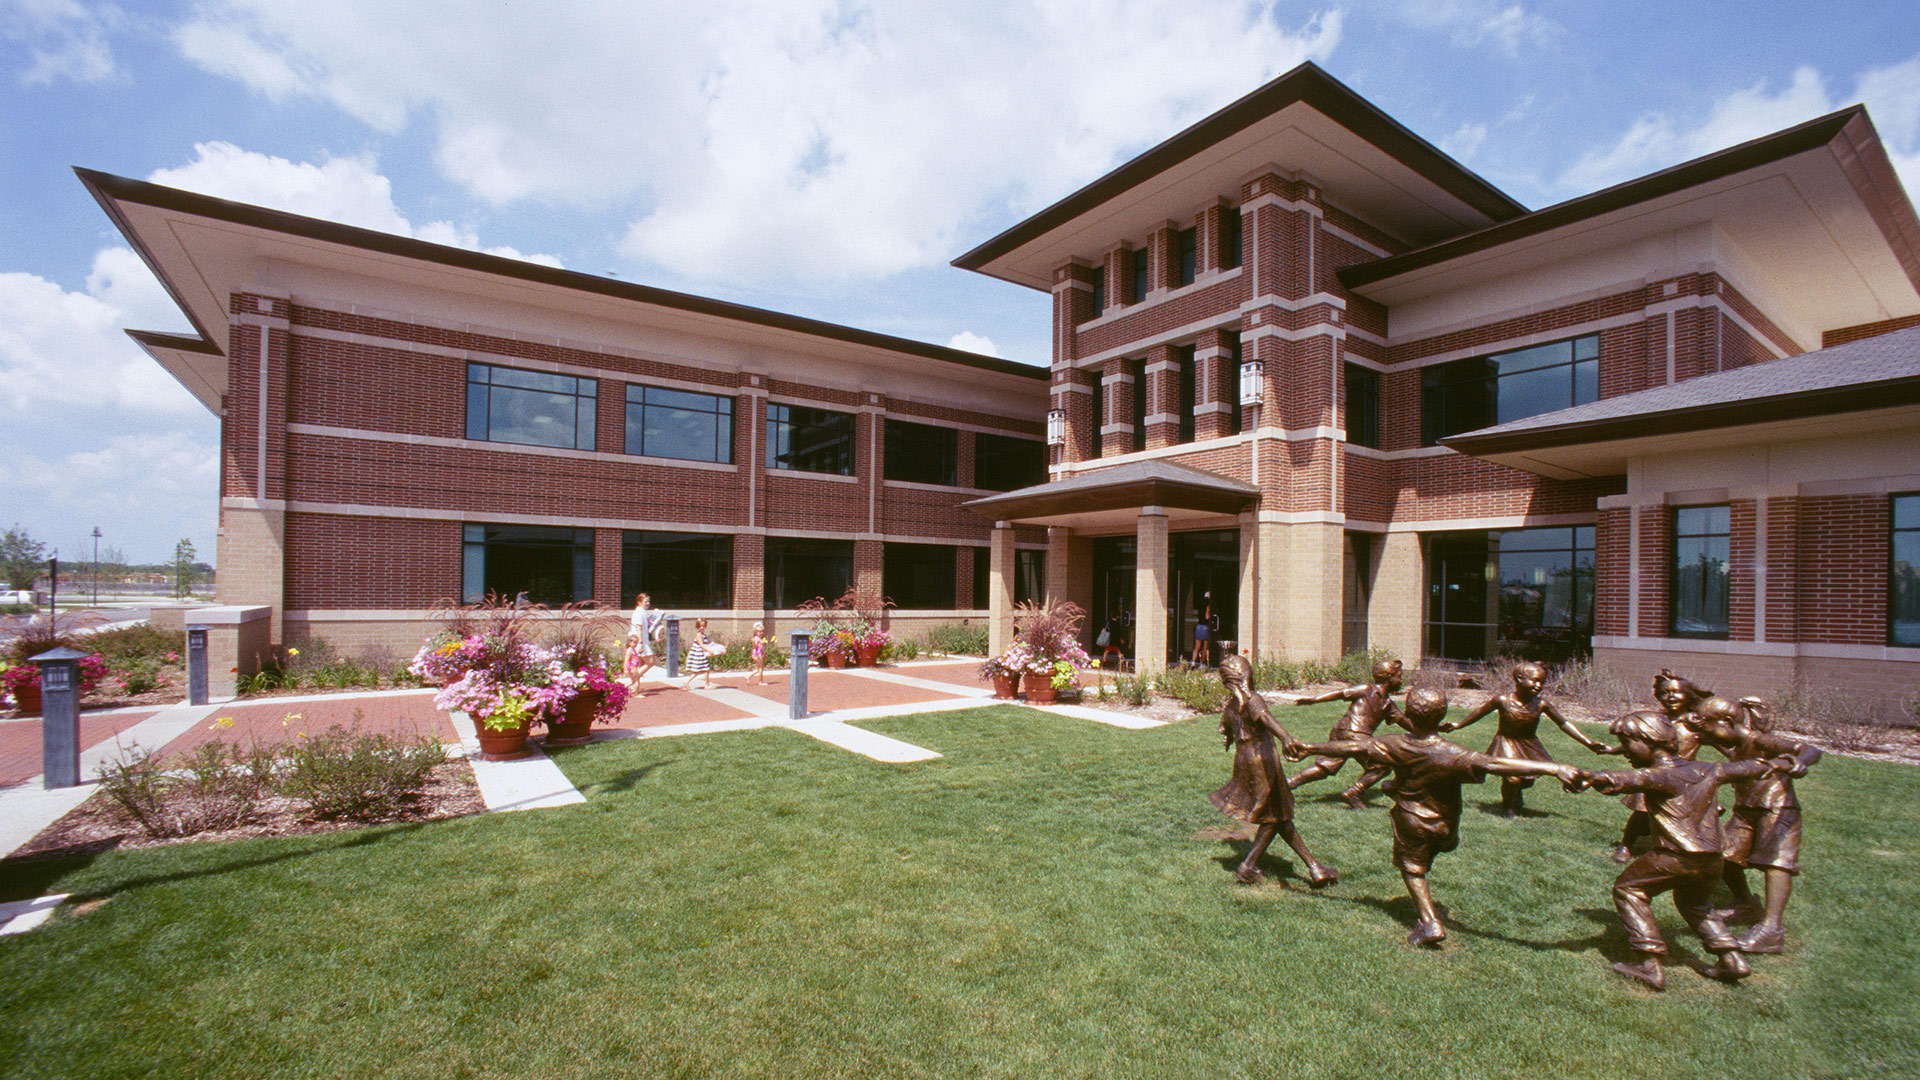 Glenview Park District Park Center